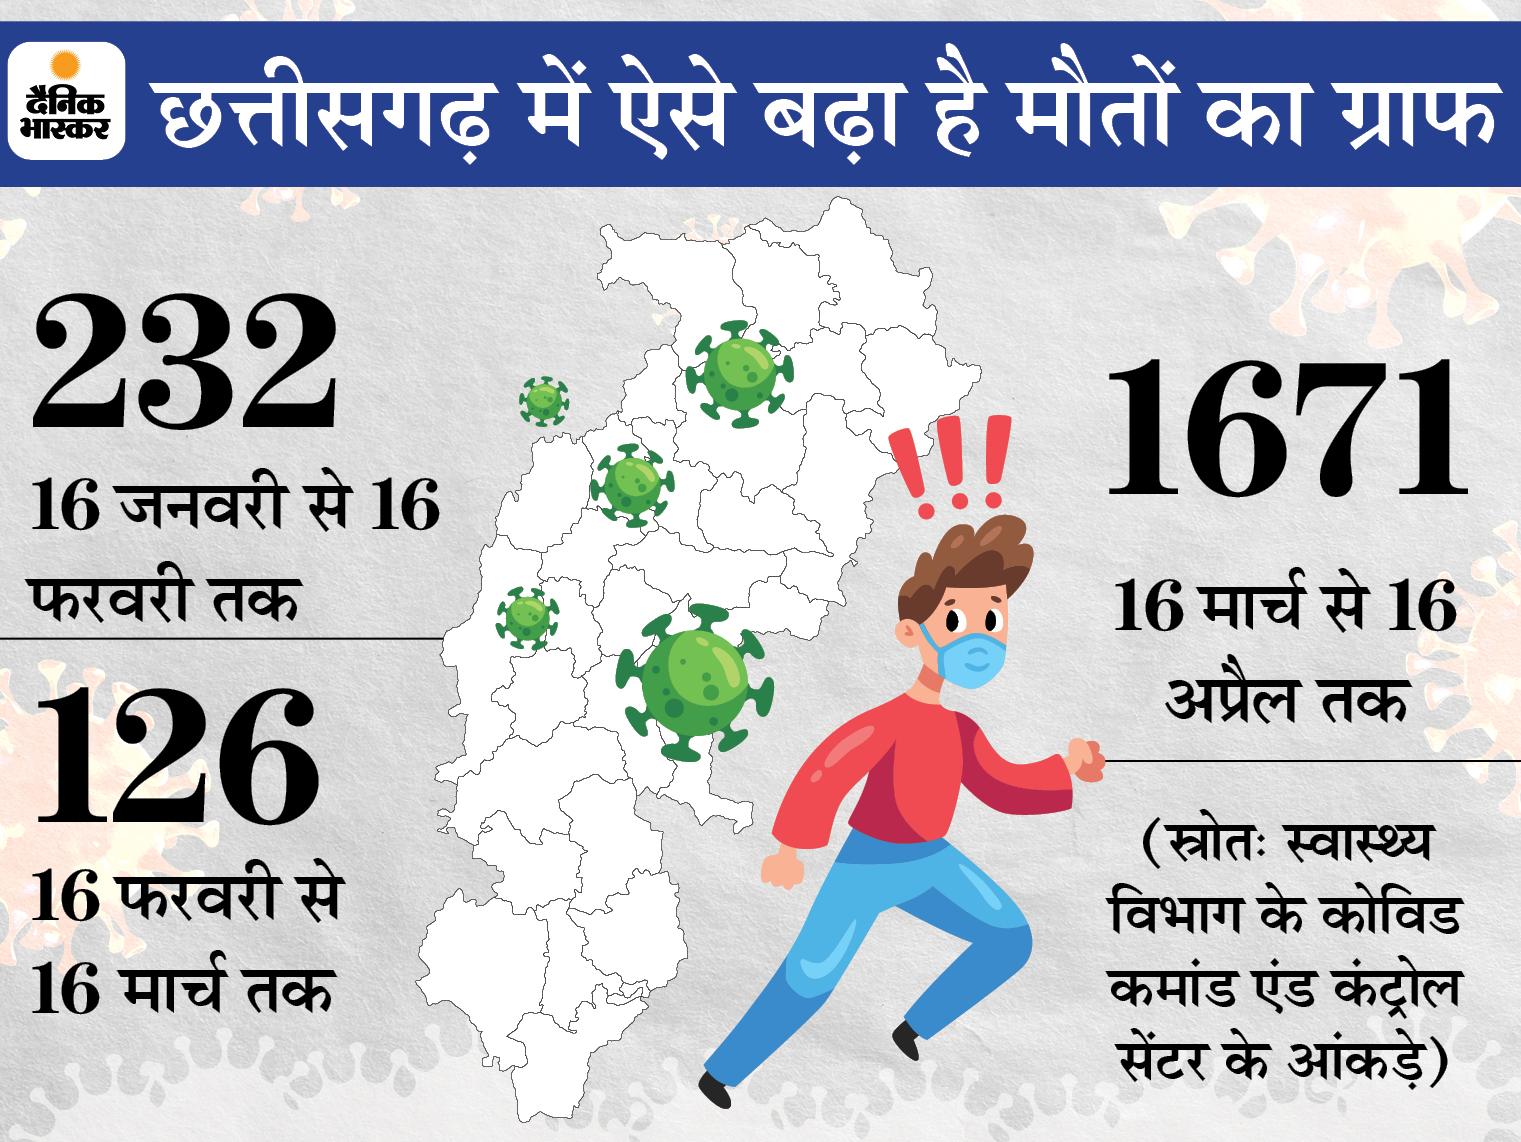 विशेषज्ञ कहते हैं- नया स्ट्रेन मचा रहा तबाही, हमारी और सरकार की लापरवाही भी कारण; 3 महीने में छत्तीसगढ़ के 2029 लोगों की जान गई रायपुर,Raipur - Dainik Bhaskar